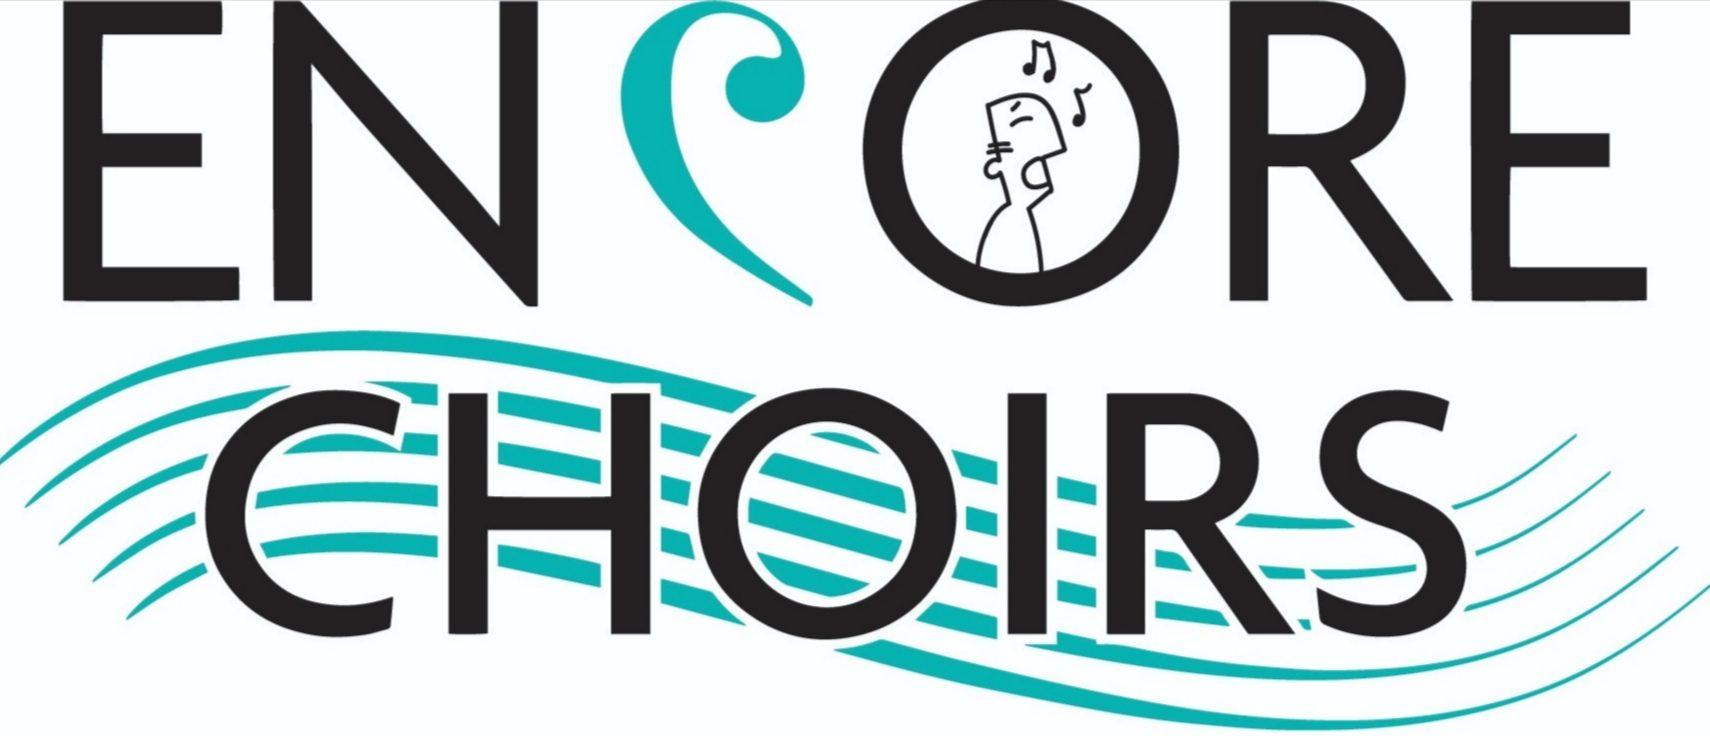 Encore Choirs